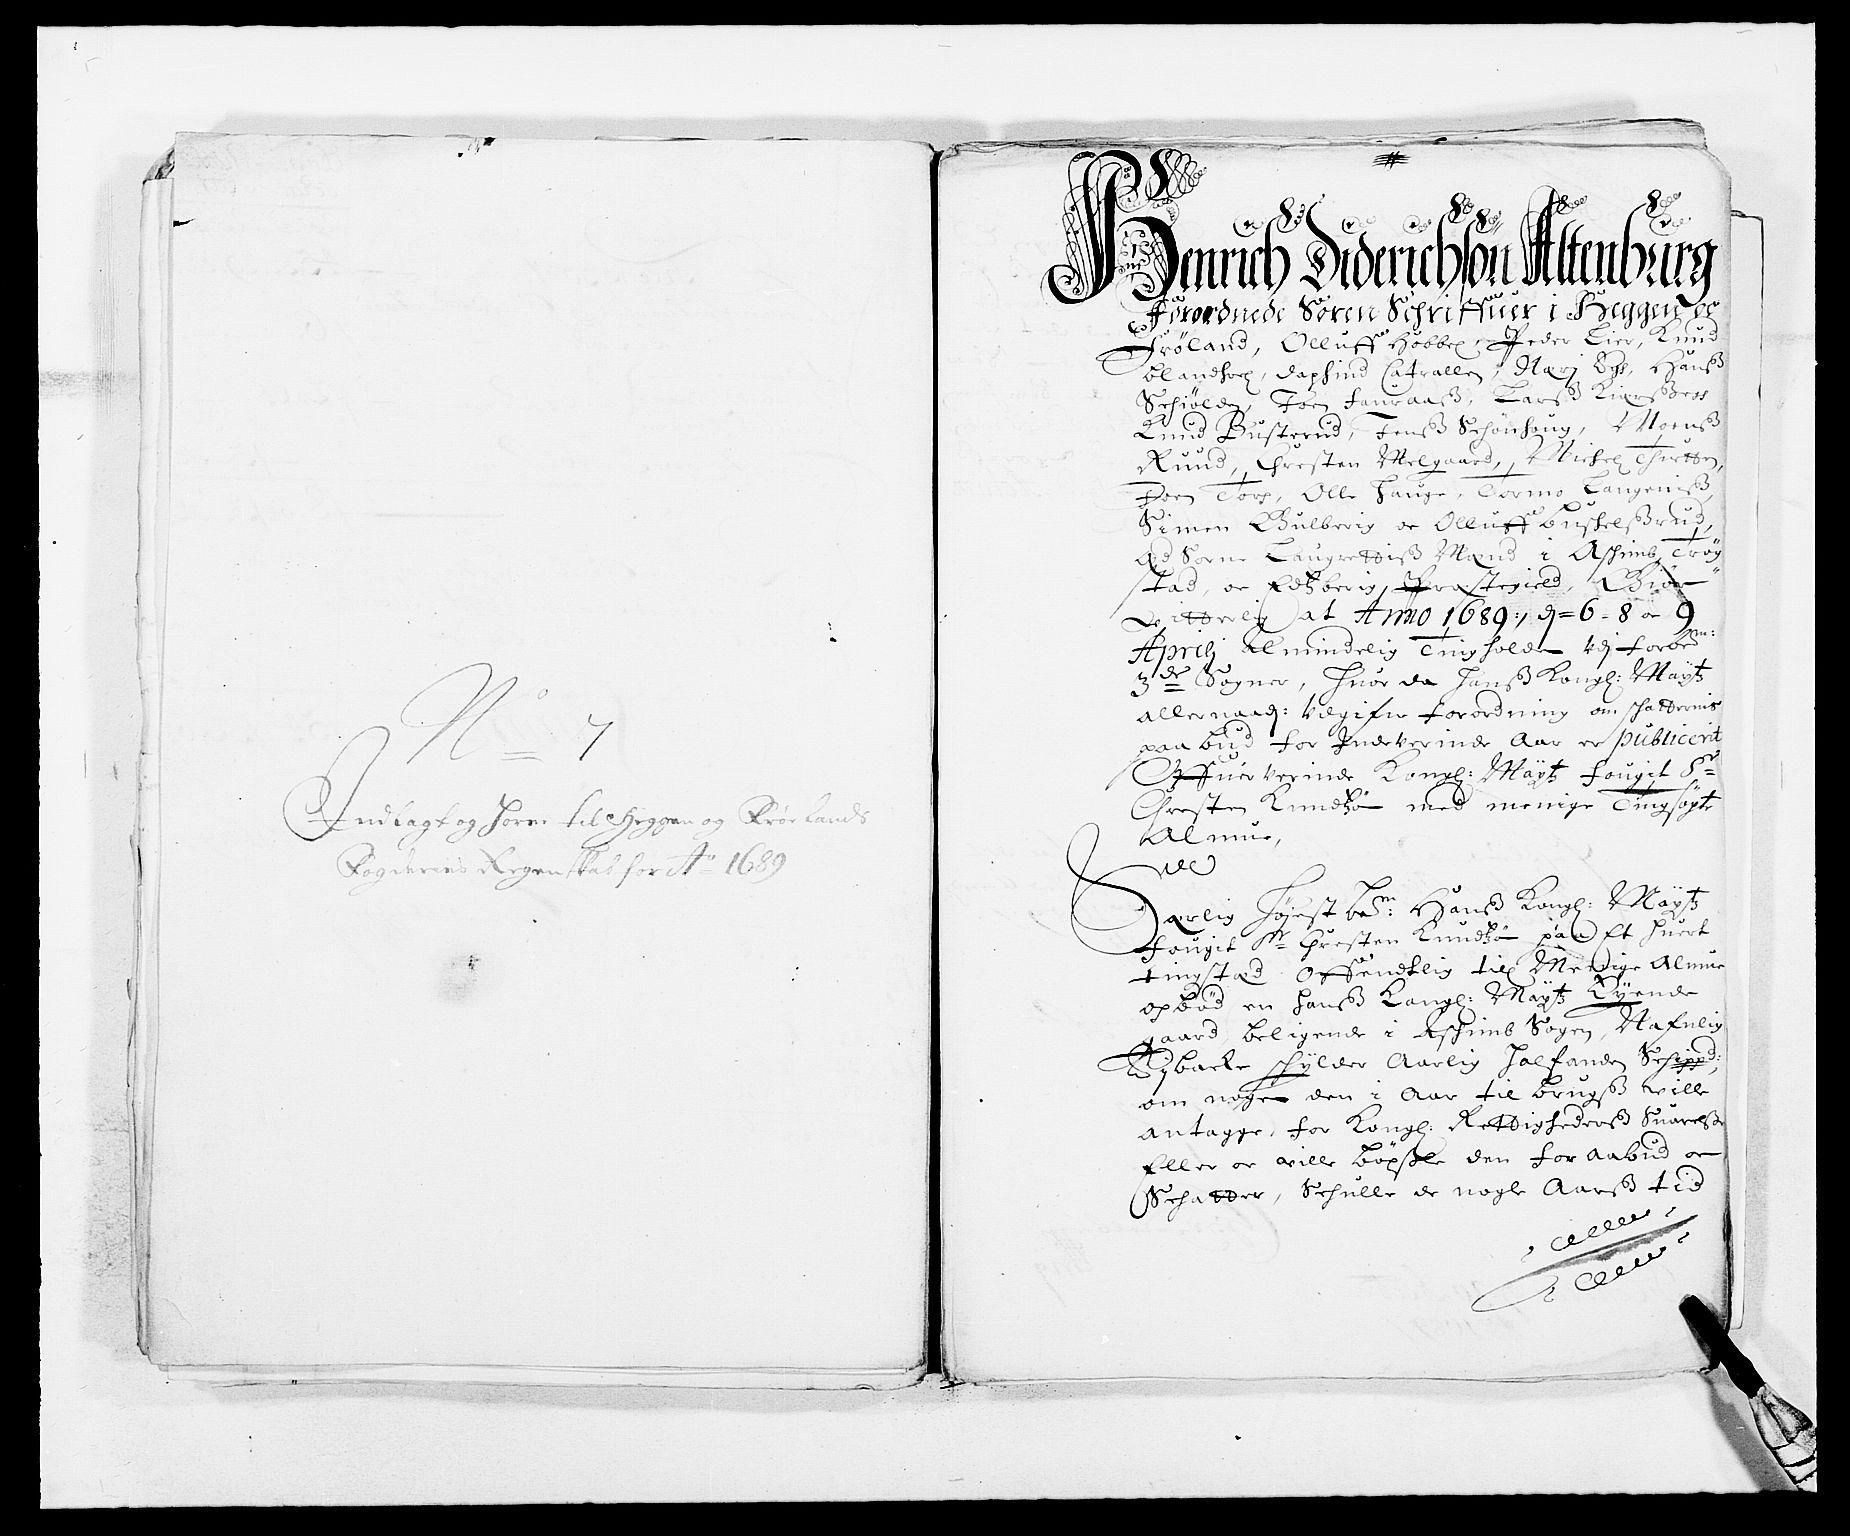 RA, Rentekammeret inntil 1814, Reviderte regnskaper, Fogderegnskap, R06/L0282: Fogderegnskap Heggen og Frøland, 1687-1690, s. 172